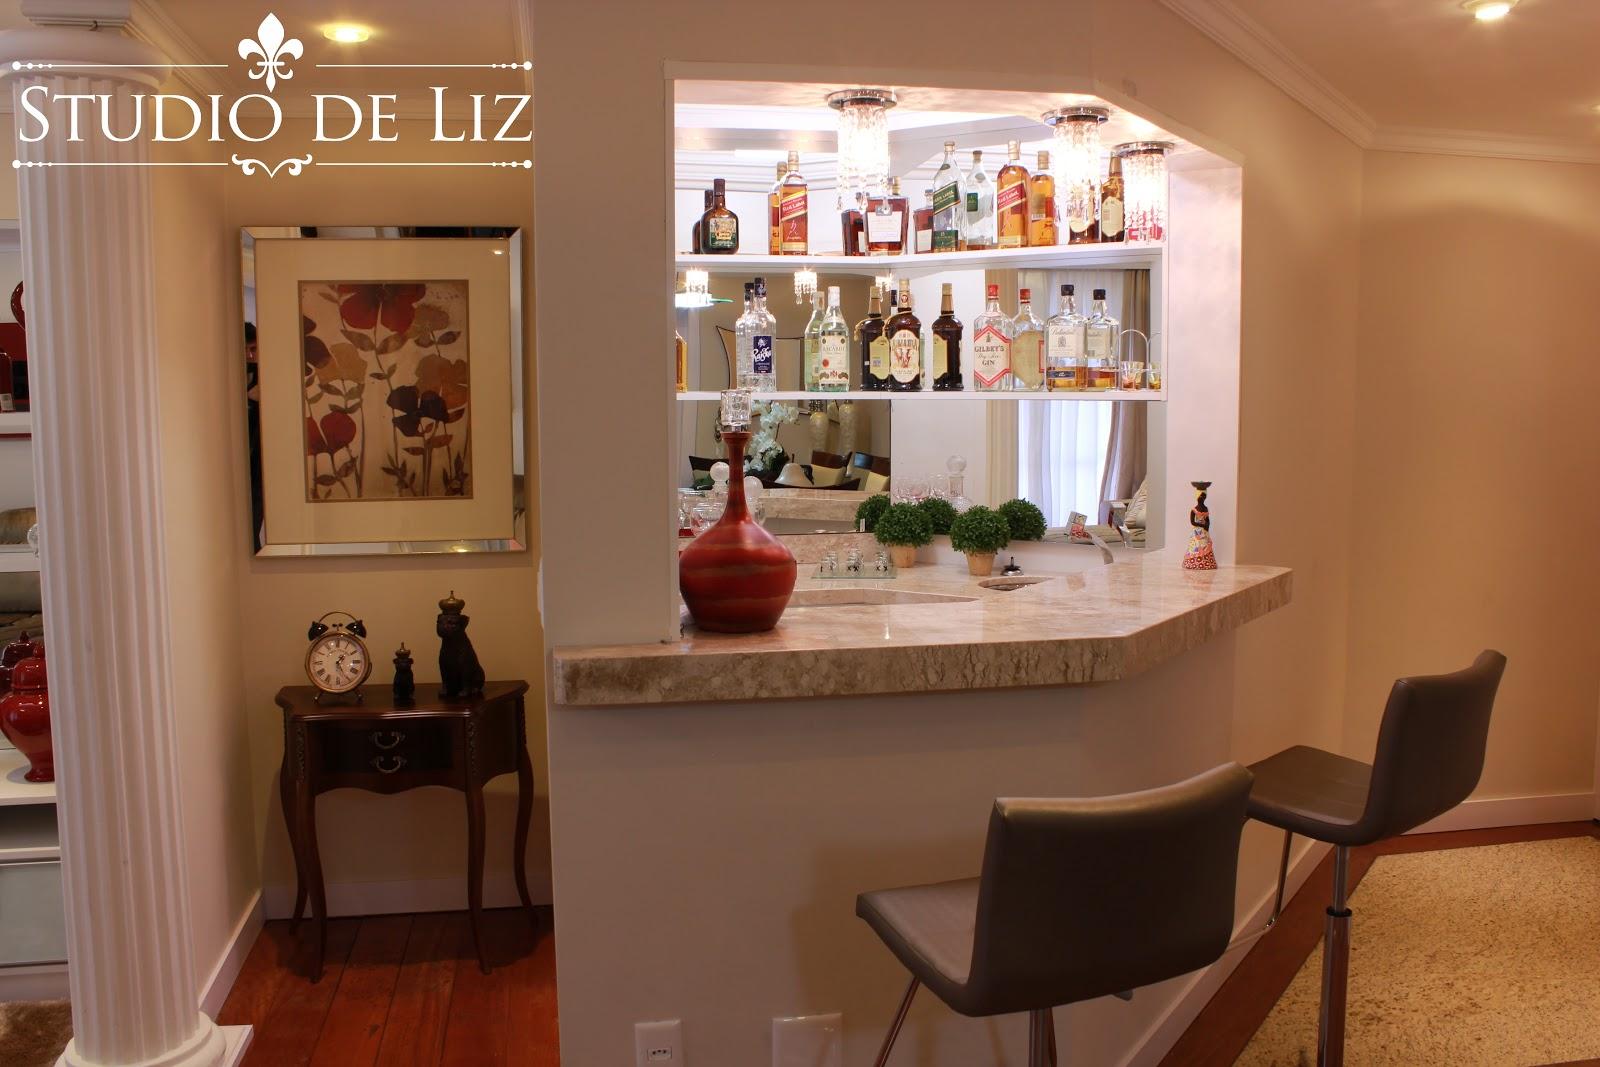 #A03D2B Studio de Liz Decoração de Ambientes Projeto móveis sob medida 1600x1067 píxeis em Decoração De Sala De Tv Com Bar